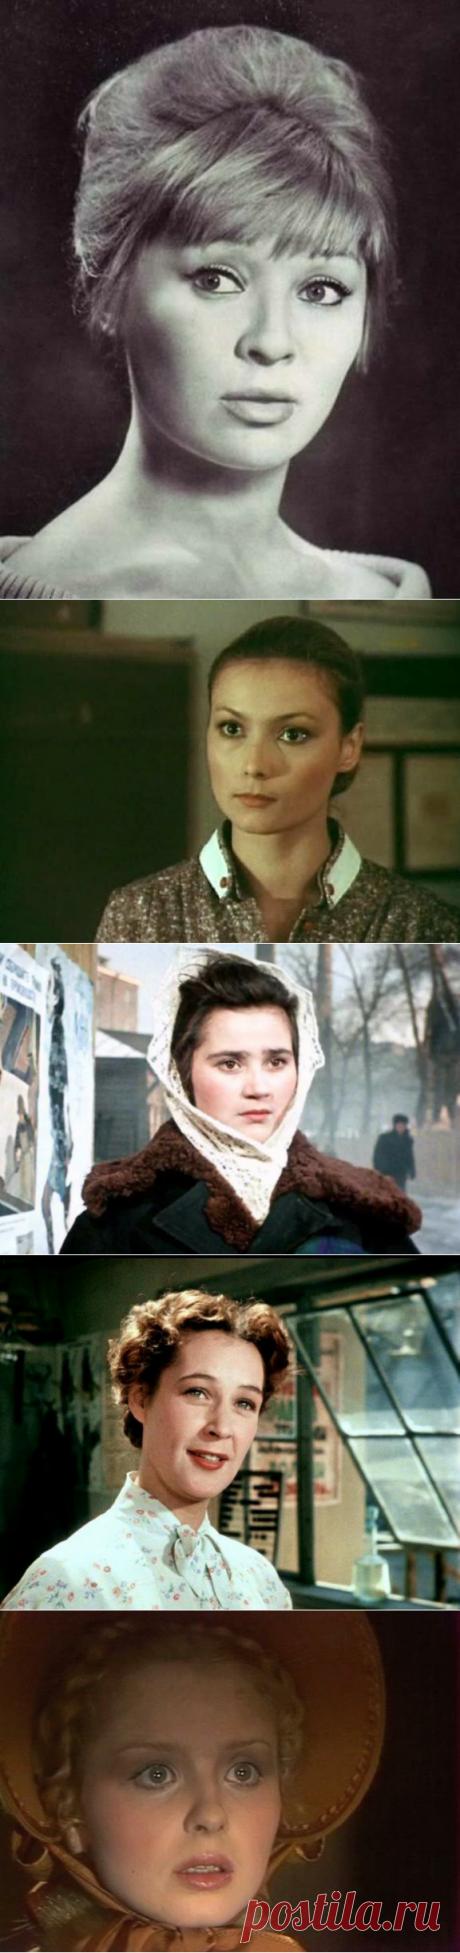 Сложный тест.А вы узнаете актрис советского кино по одному кадру | 🌧️Шепот дождя🌧️ | Яндекс Дзен